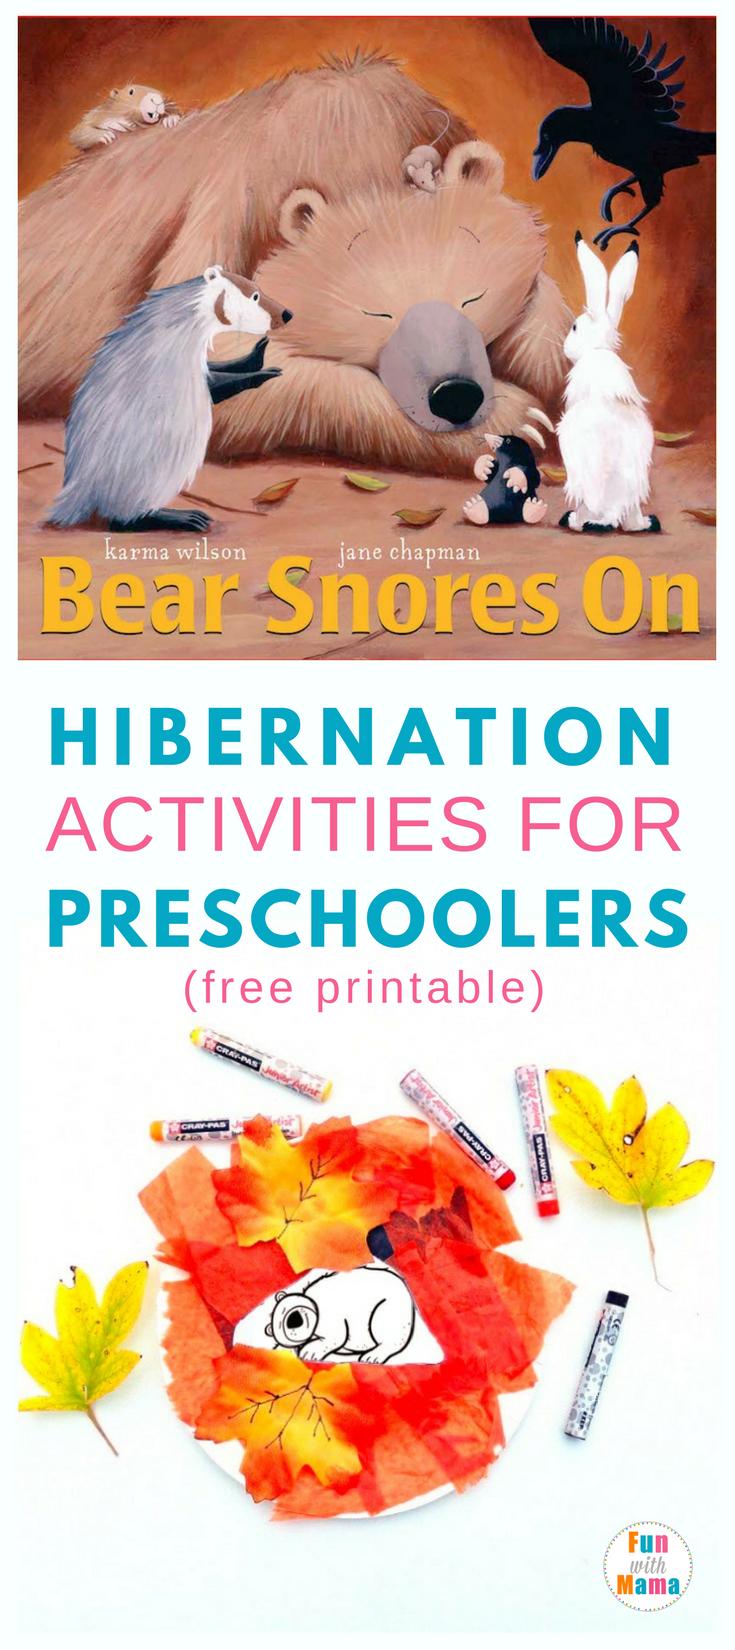 Hibernation Activities For Preshoolers Hibernation Preschool Crafts Hibernation Activities Hibernation Preschool [ 1650 x 735 Pixel ]